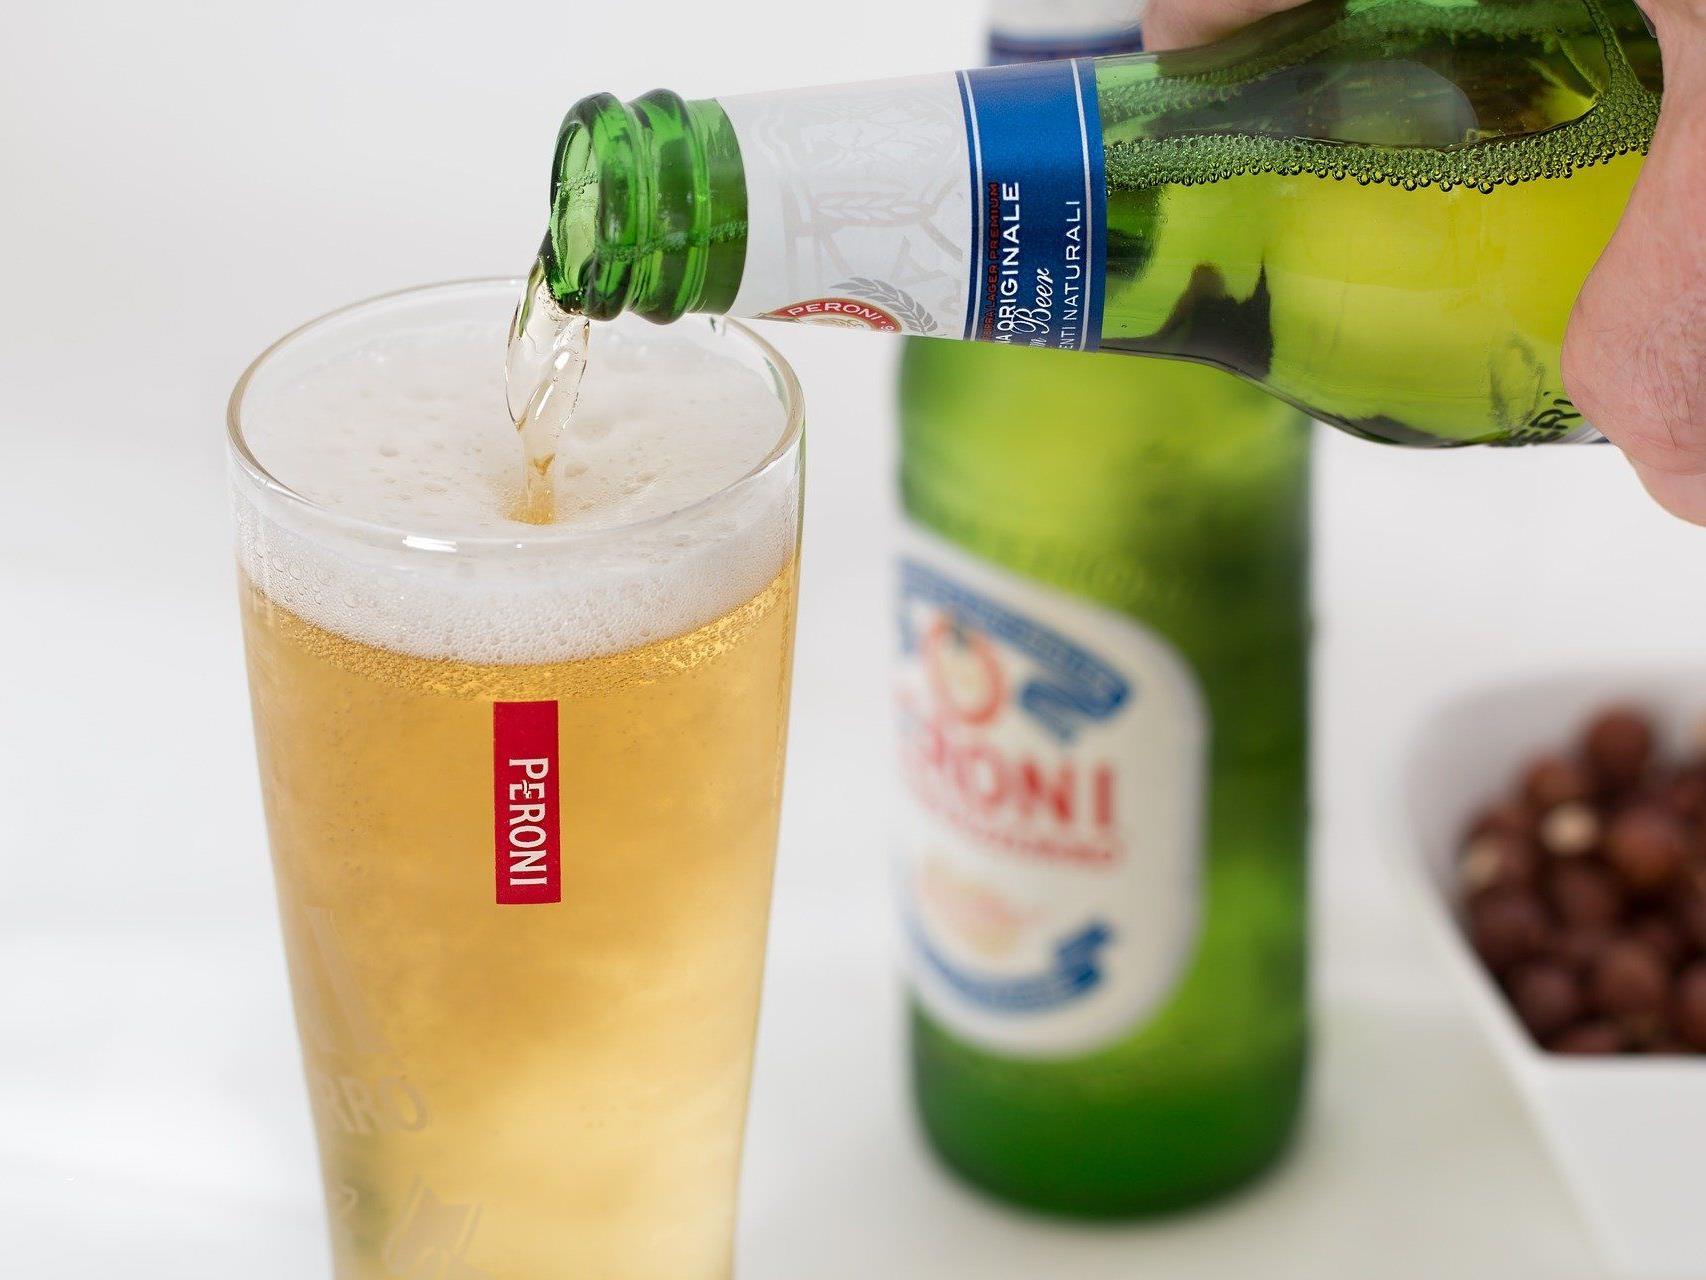 Viele bekommen Heißhunger beim Verzehr von Alkohol.